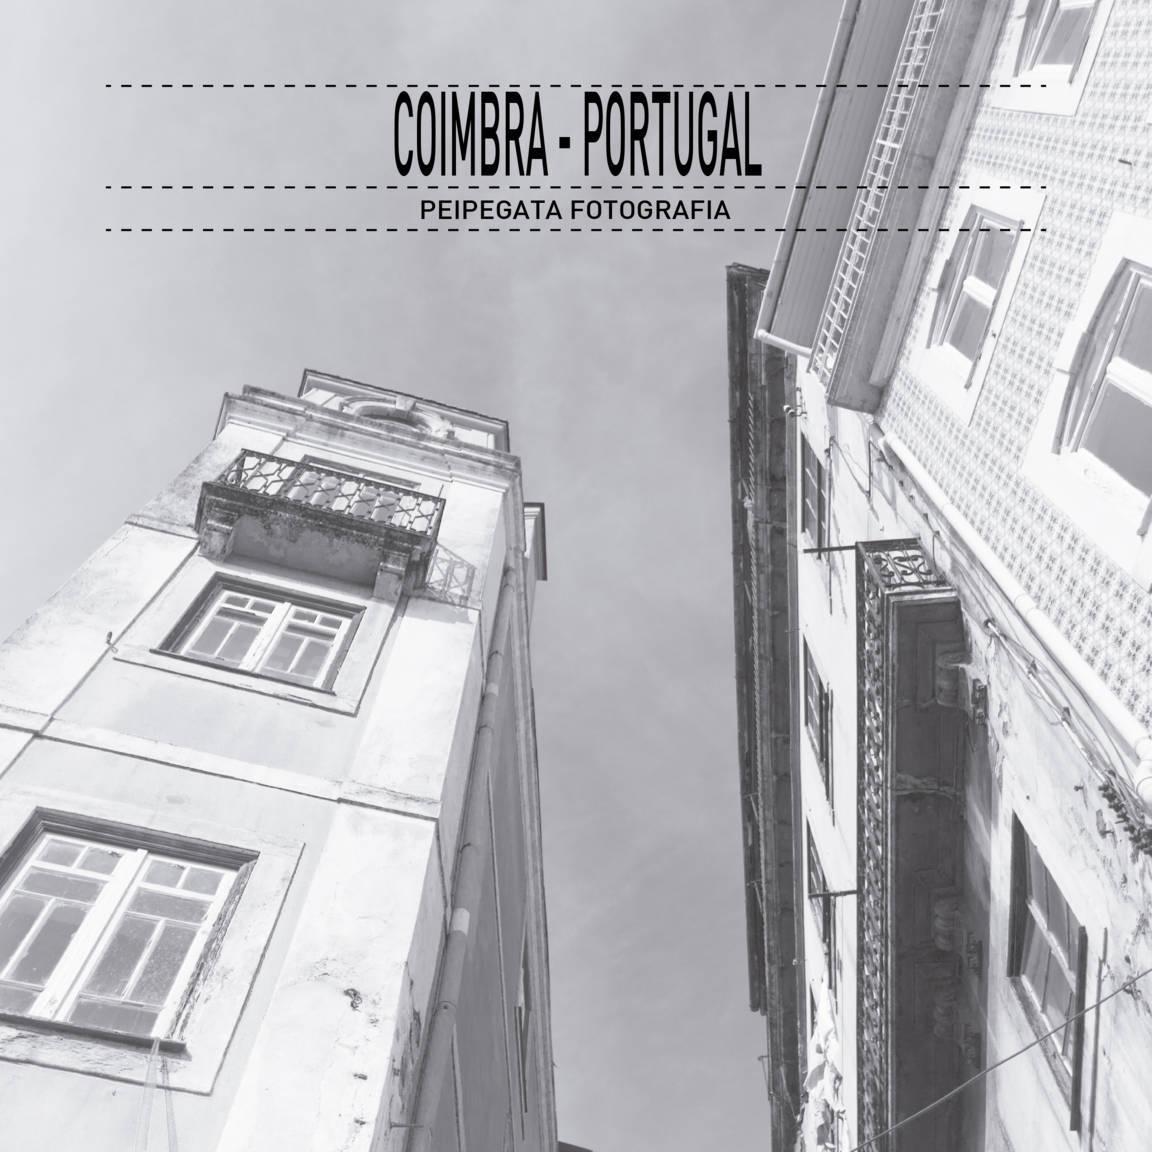 Coimbra - 0